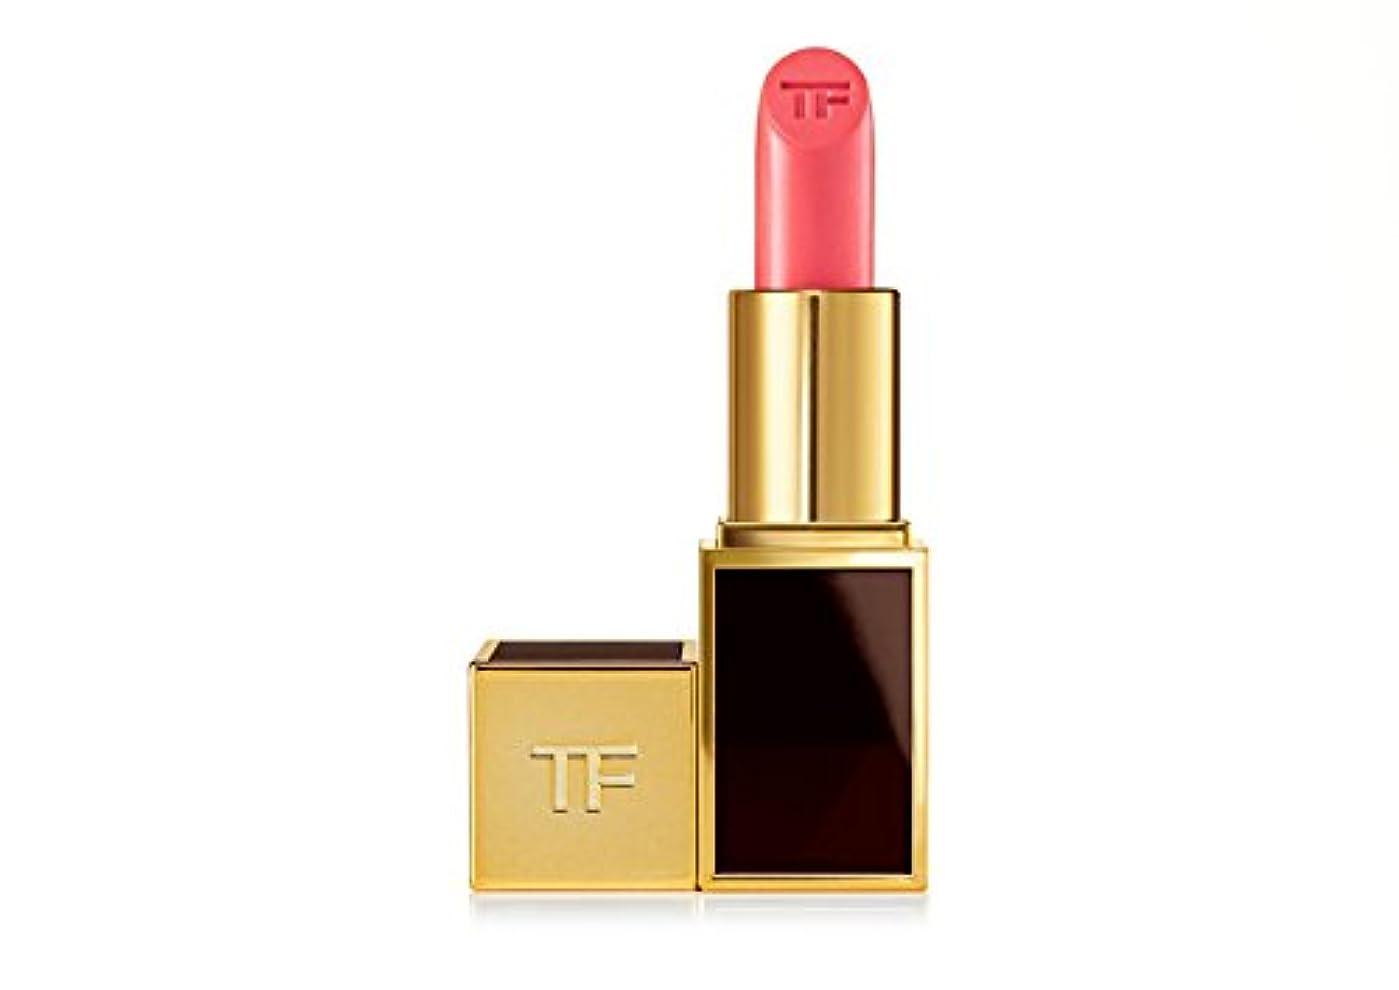 トムフォード リップス アンド ボーイズ 7 コーラル リップカラー 口紅 Tom Ford Lipstick 7 CORALS Lip Color Lips and Boys (#22 Patrick パトリック) [...